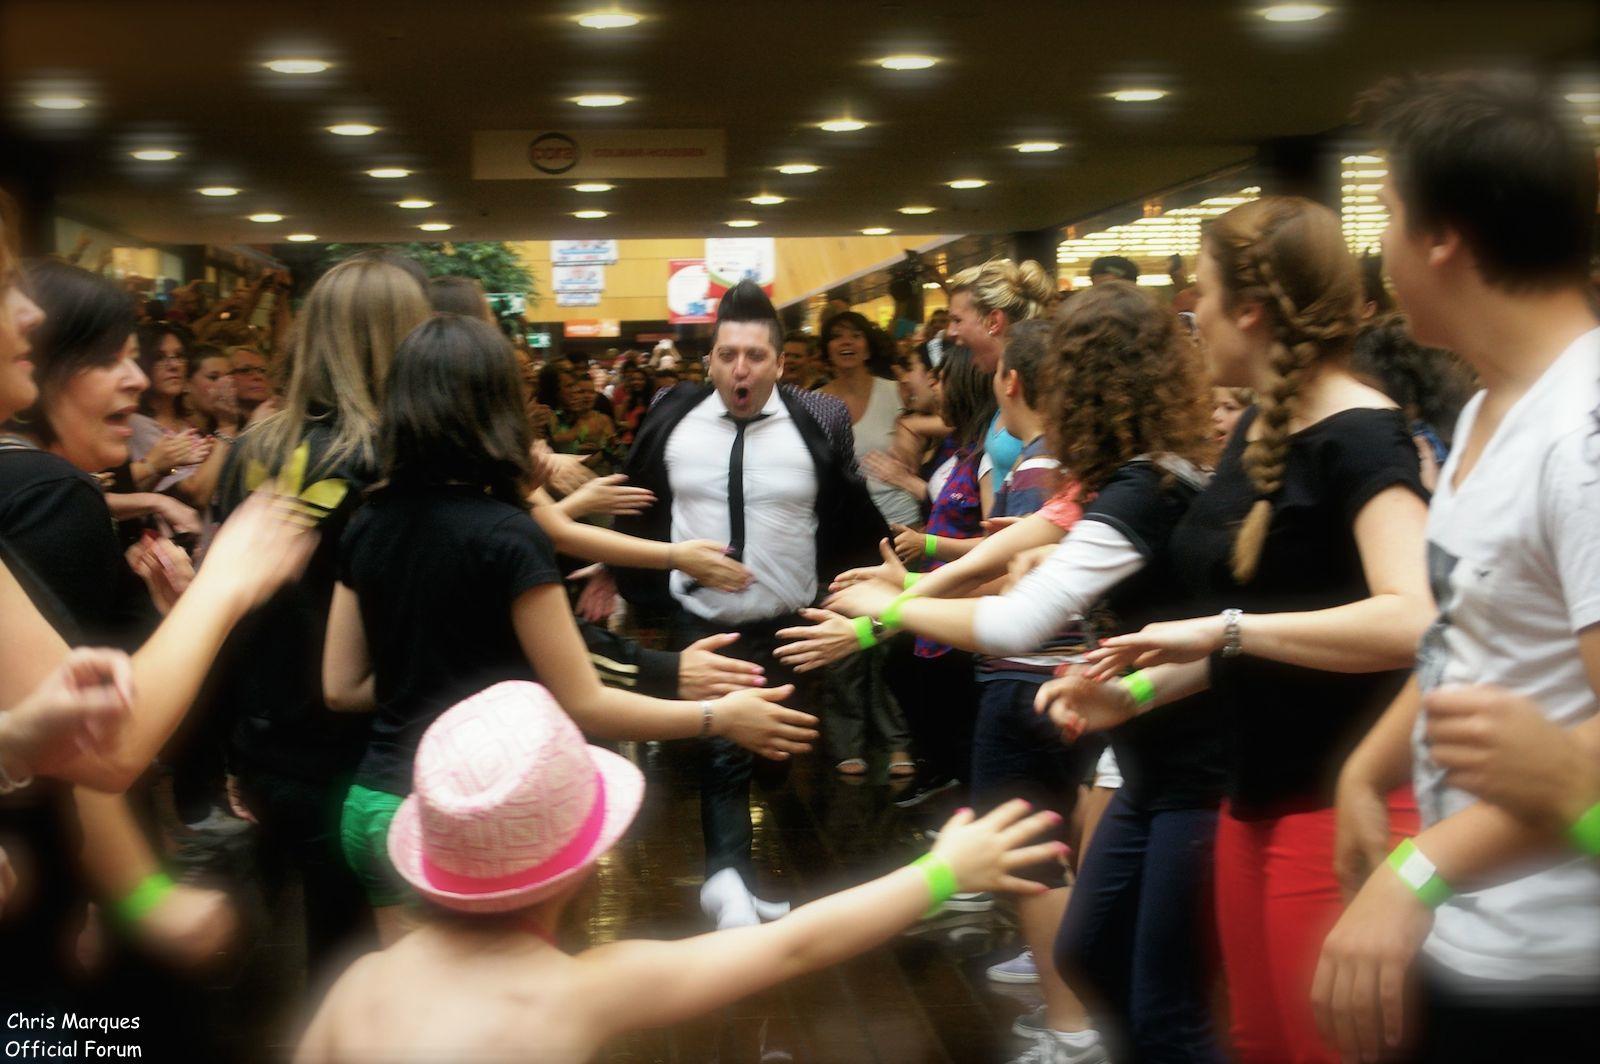 [14.06.2014] Evénement à #Colmar Chris Marques et Jaclyn Spencer pour un Flashmob/Cours de Danse/Dédicaces exceptionnels le tout organisé par la MJC de Colmar 712